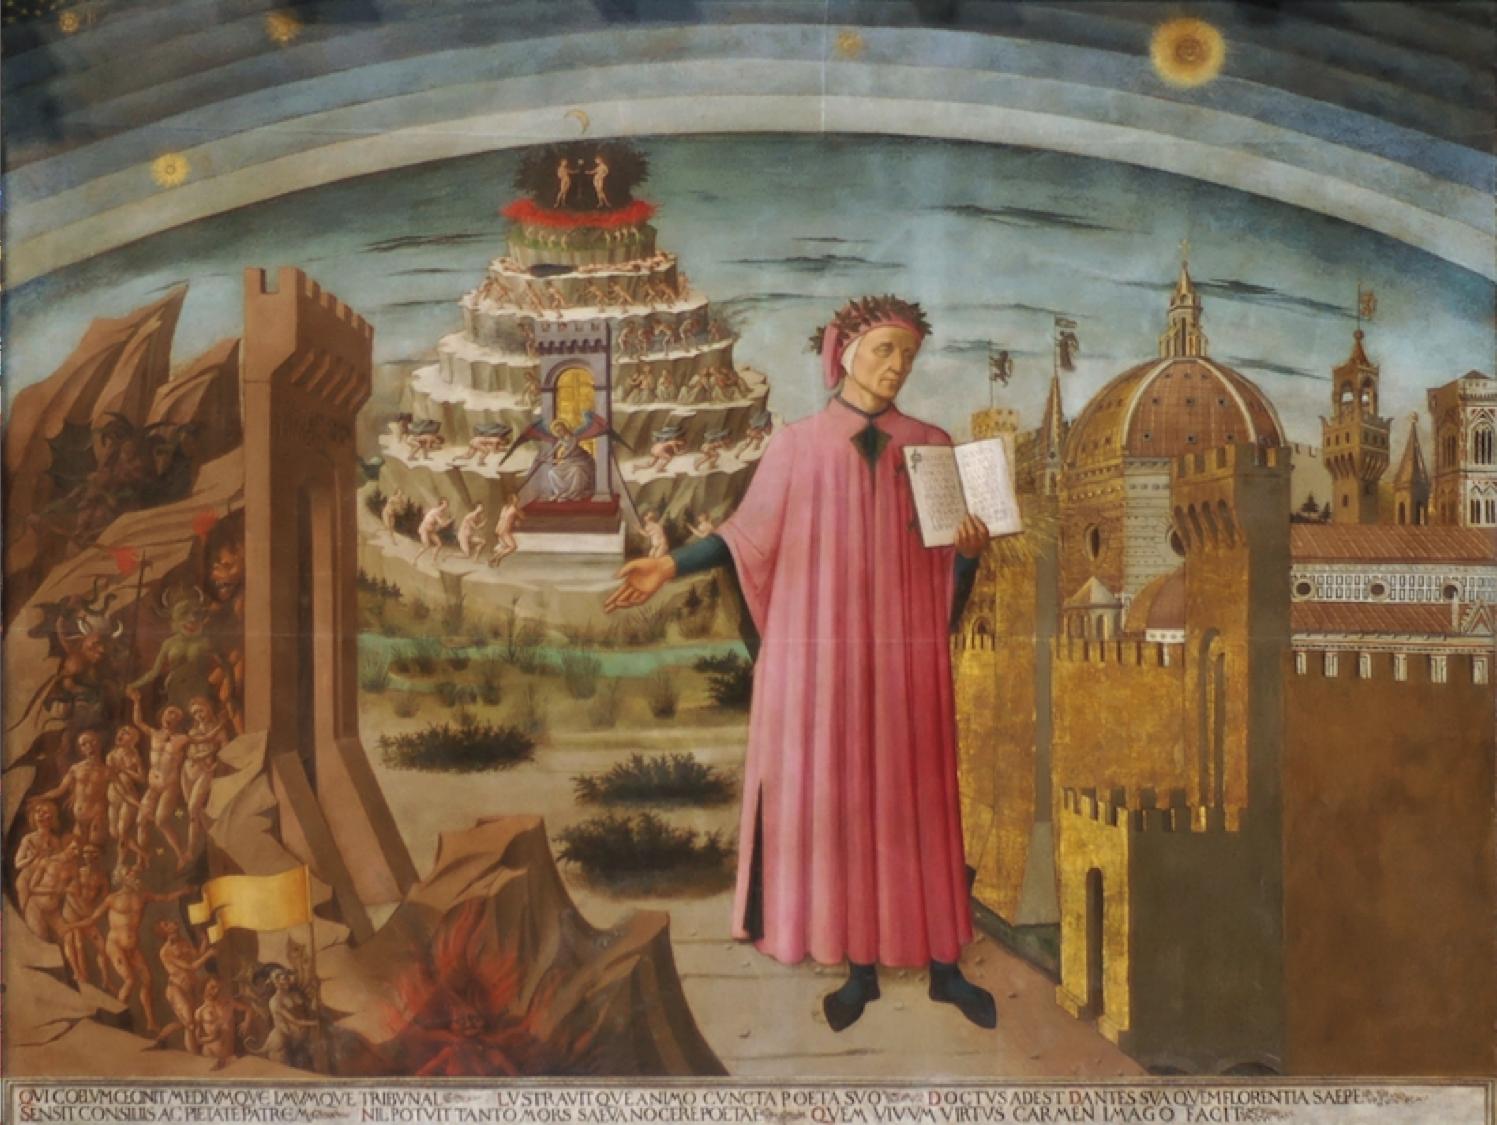 Dante e il suo poema, affresco di Domenico di Michelino nella Cattedrale di Santa Maria del Fiore, Firenze (1465)